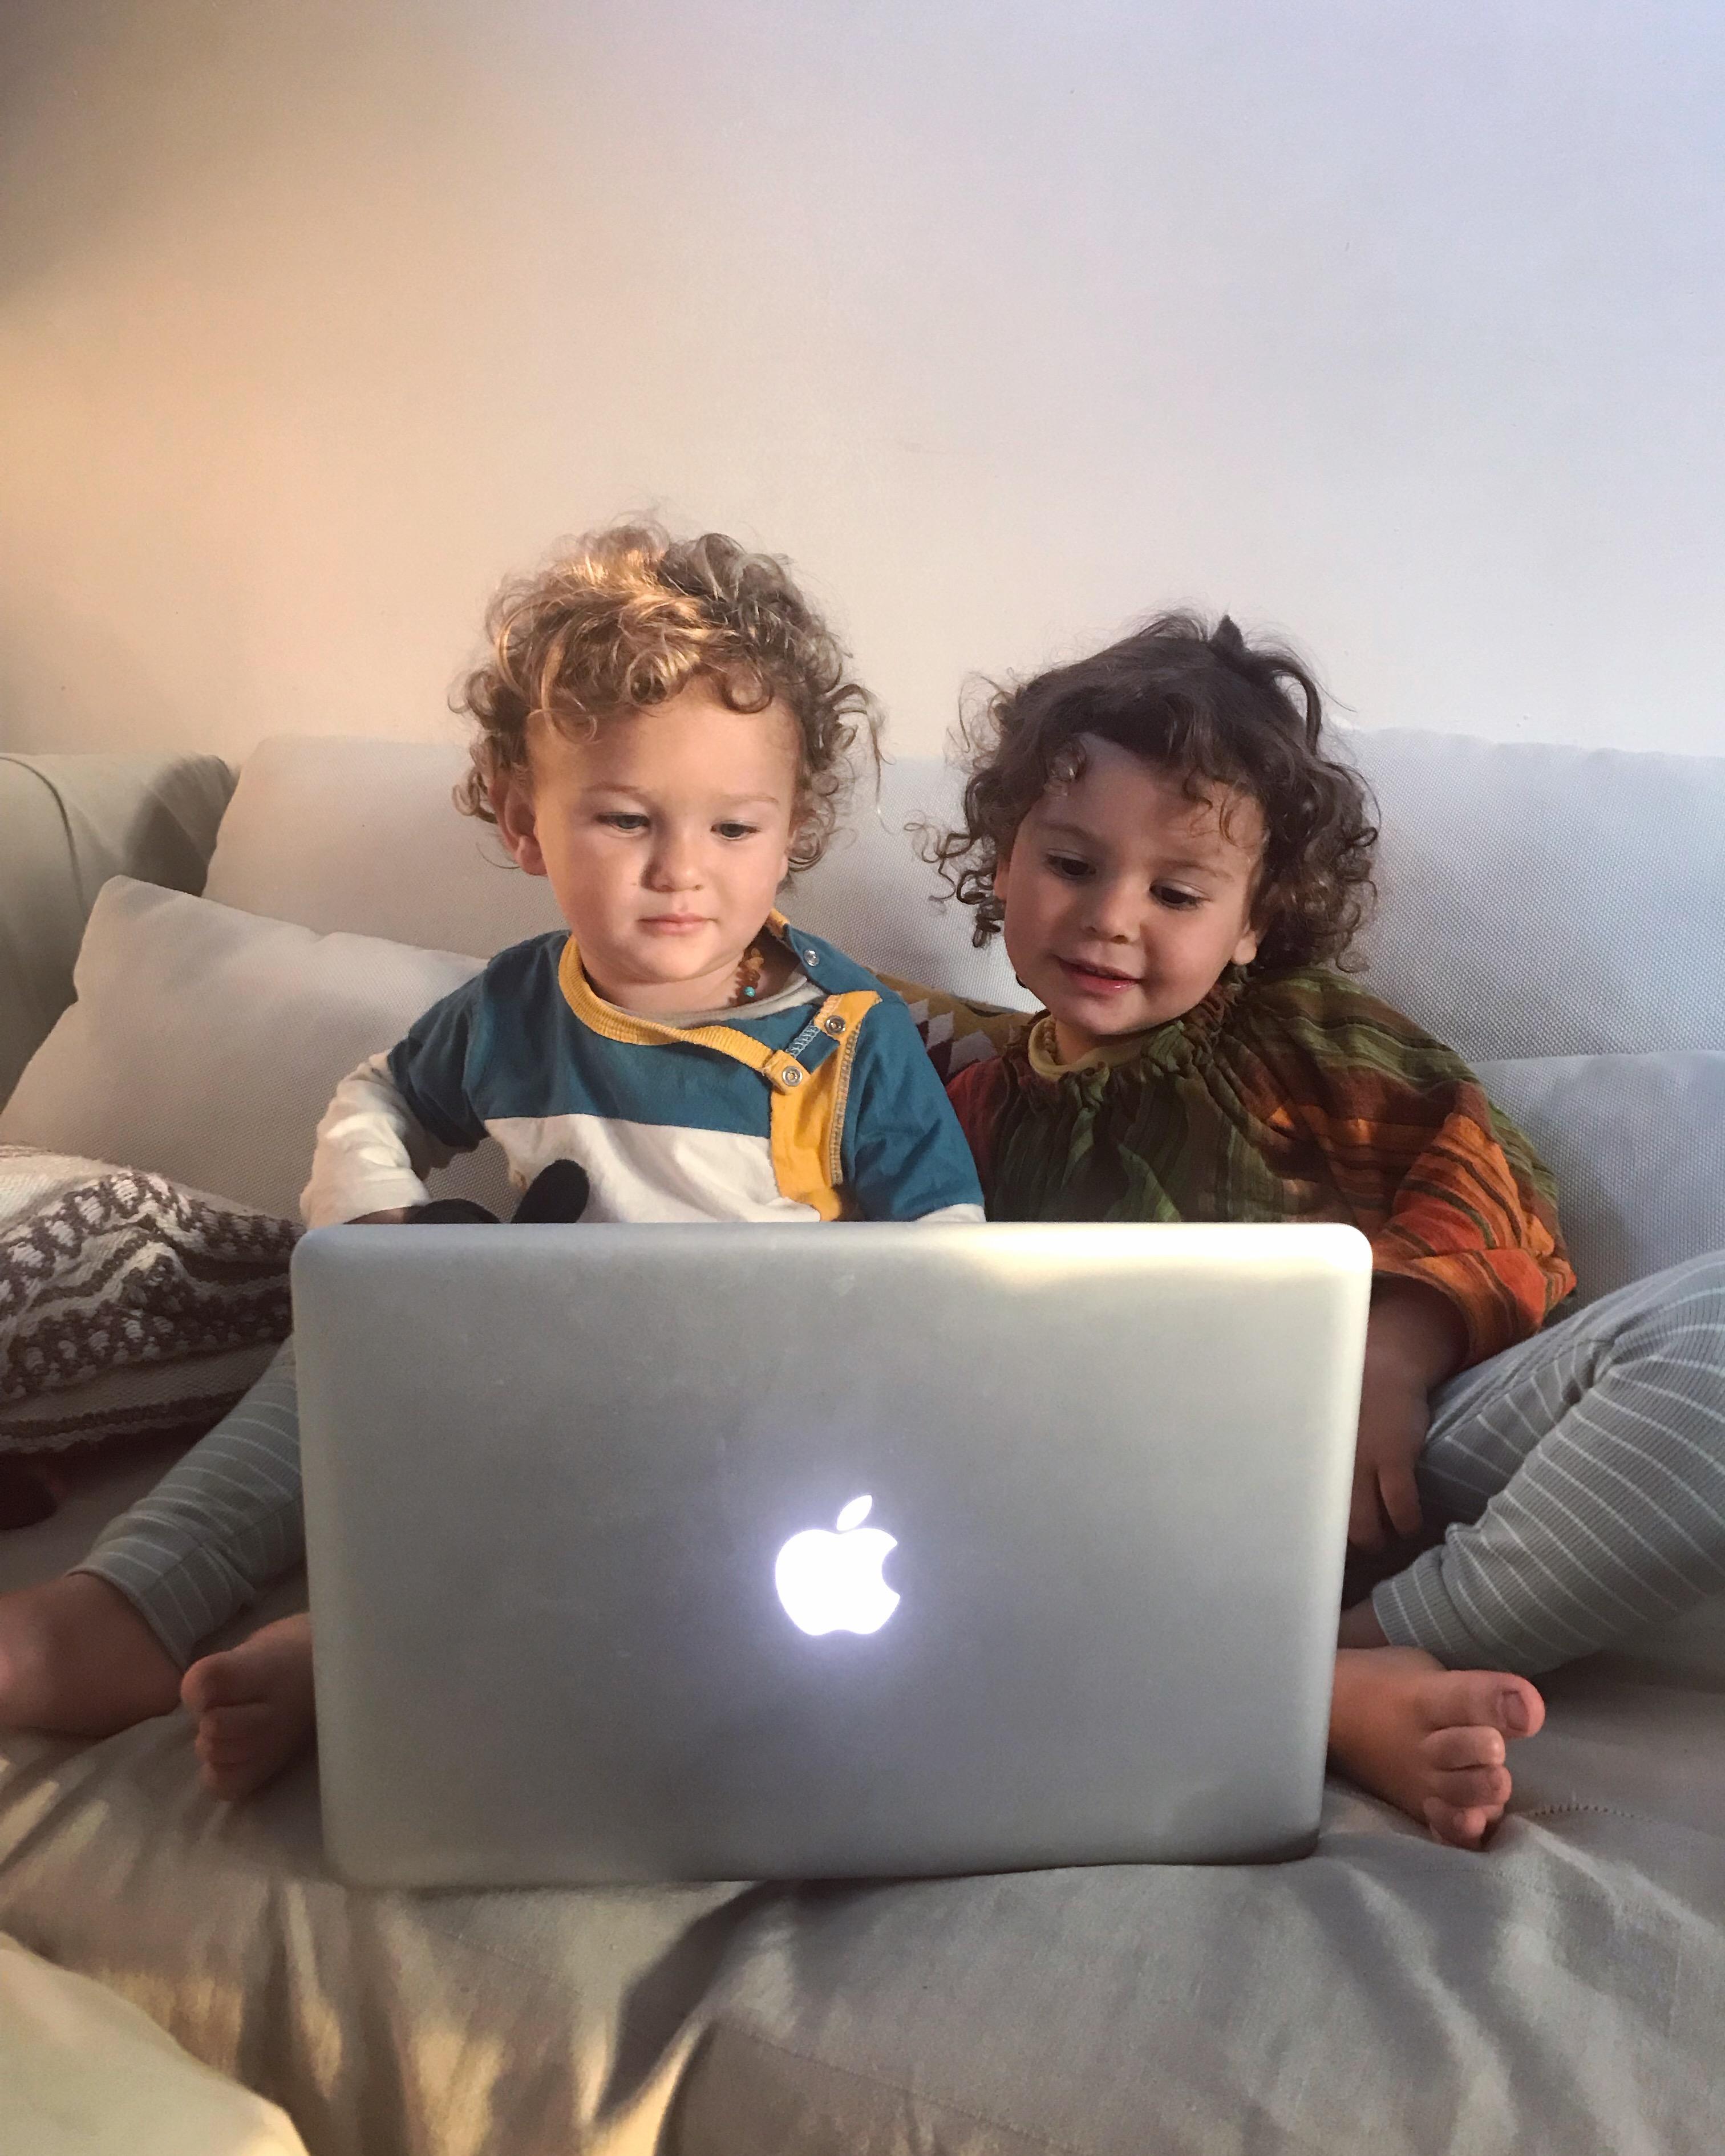 video, computer, televisione, mama rainbow, screentime, schermo, cartoni, bambini, vegan, famiglia, genitori, parenting, educazione,